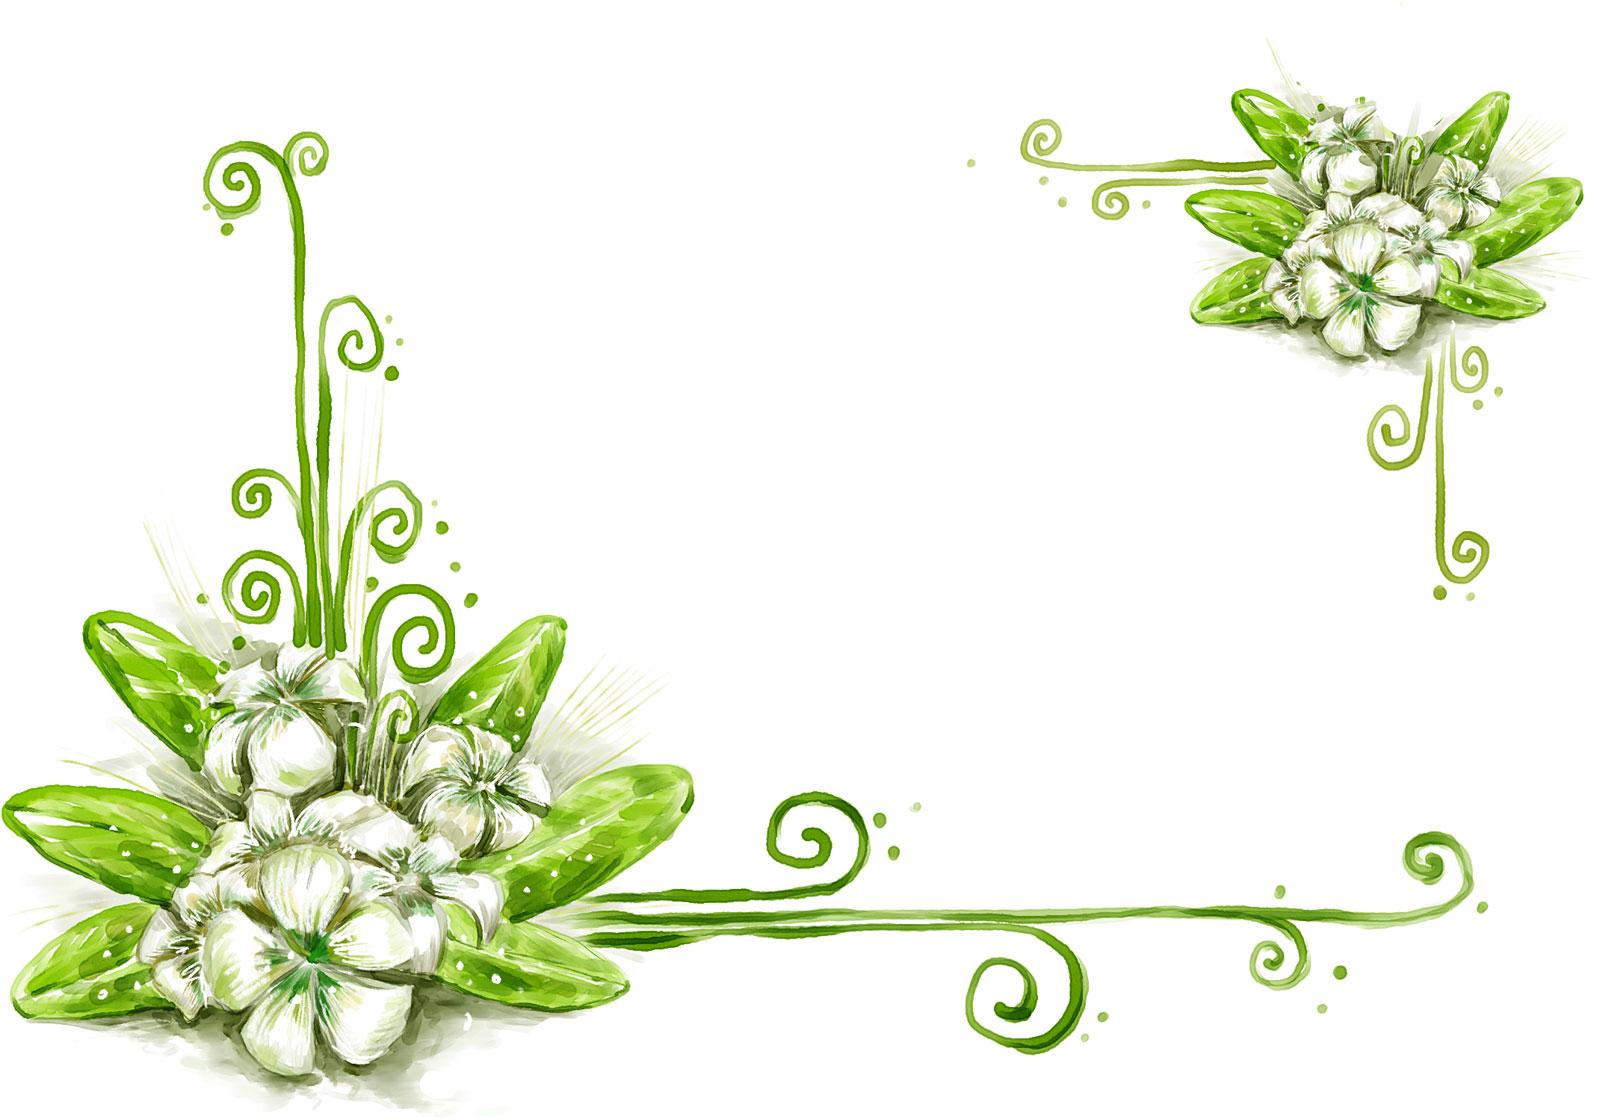 花のイラスト・フリー素材/フレーム枠no.401『手書き風-背景なし』